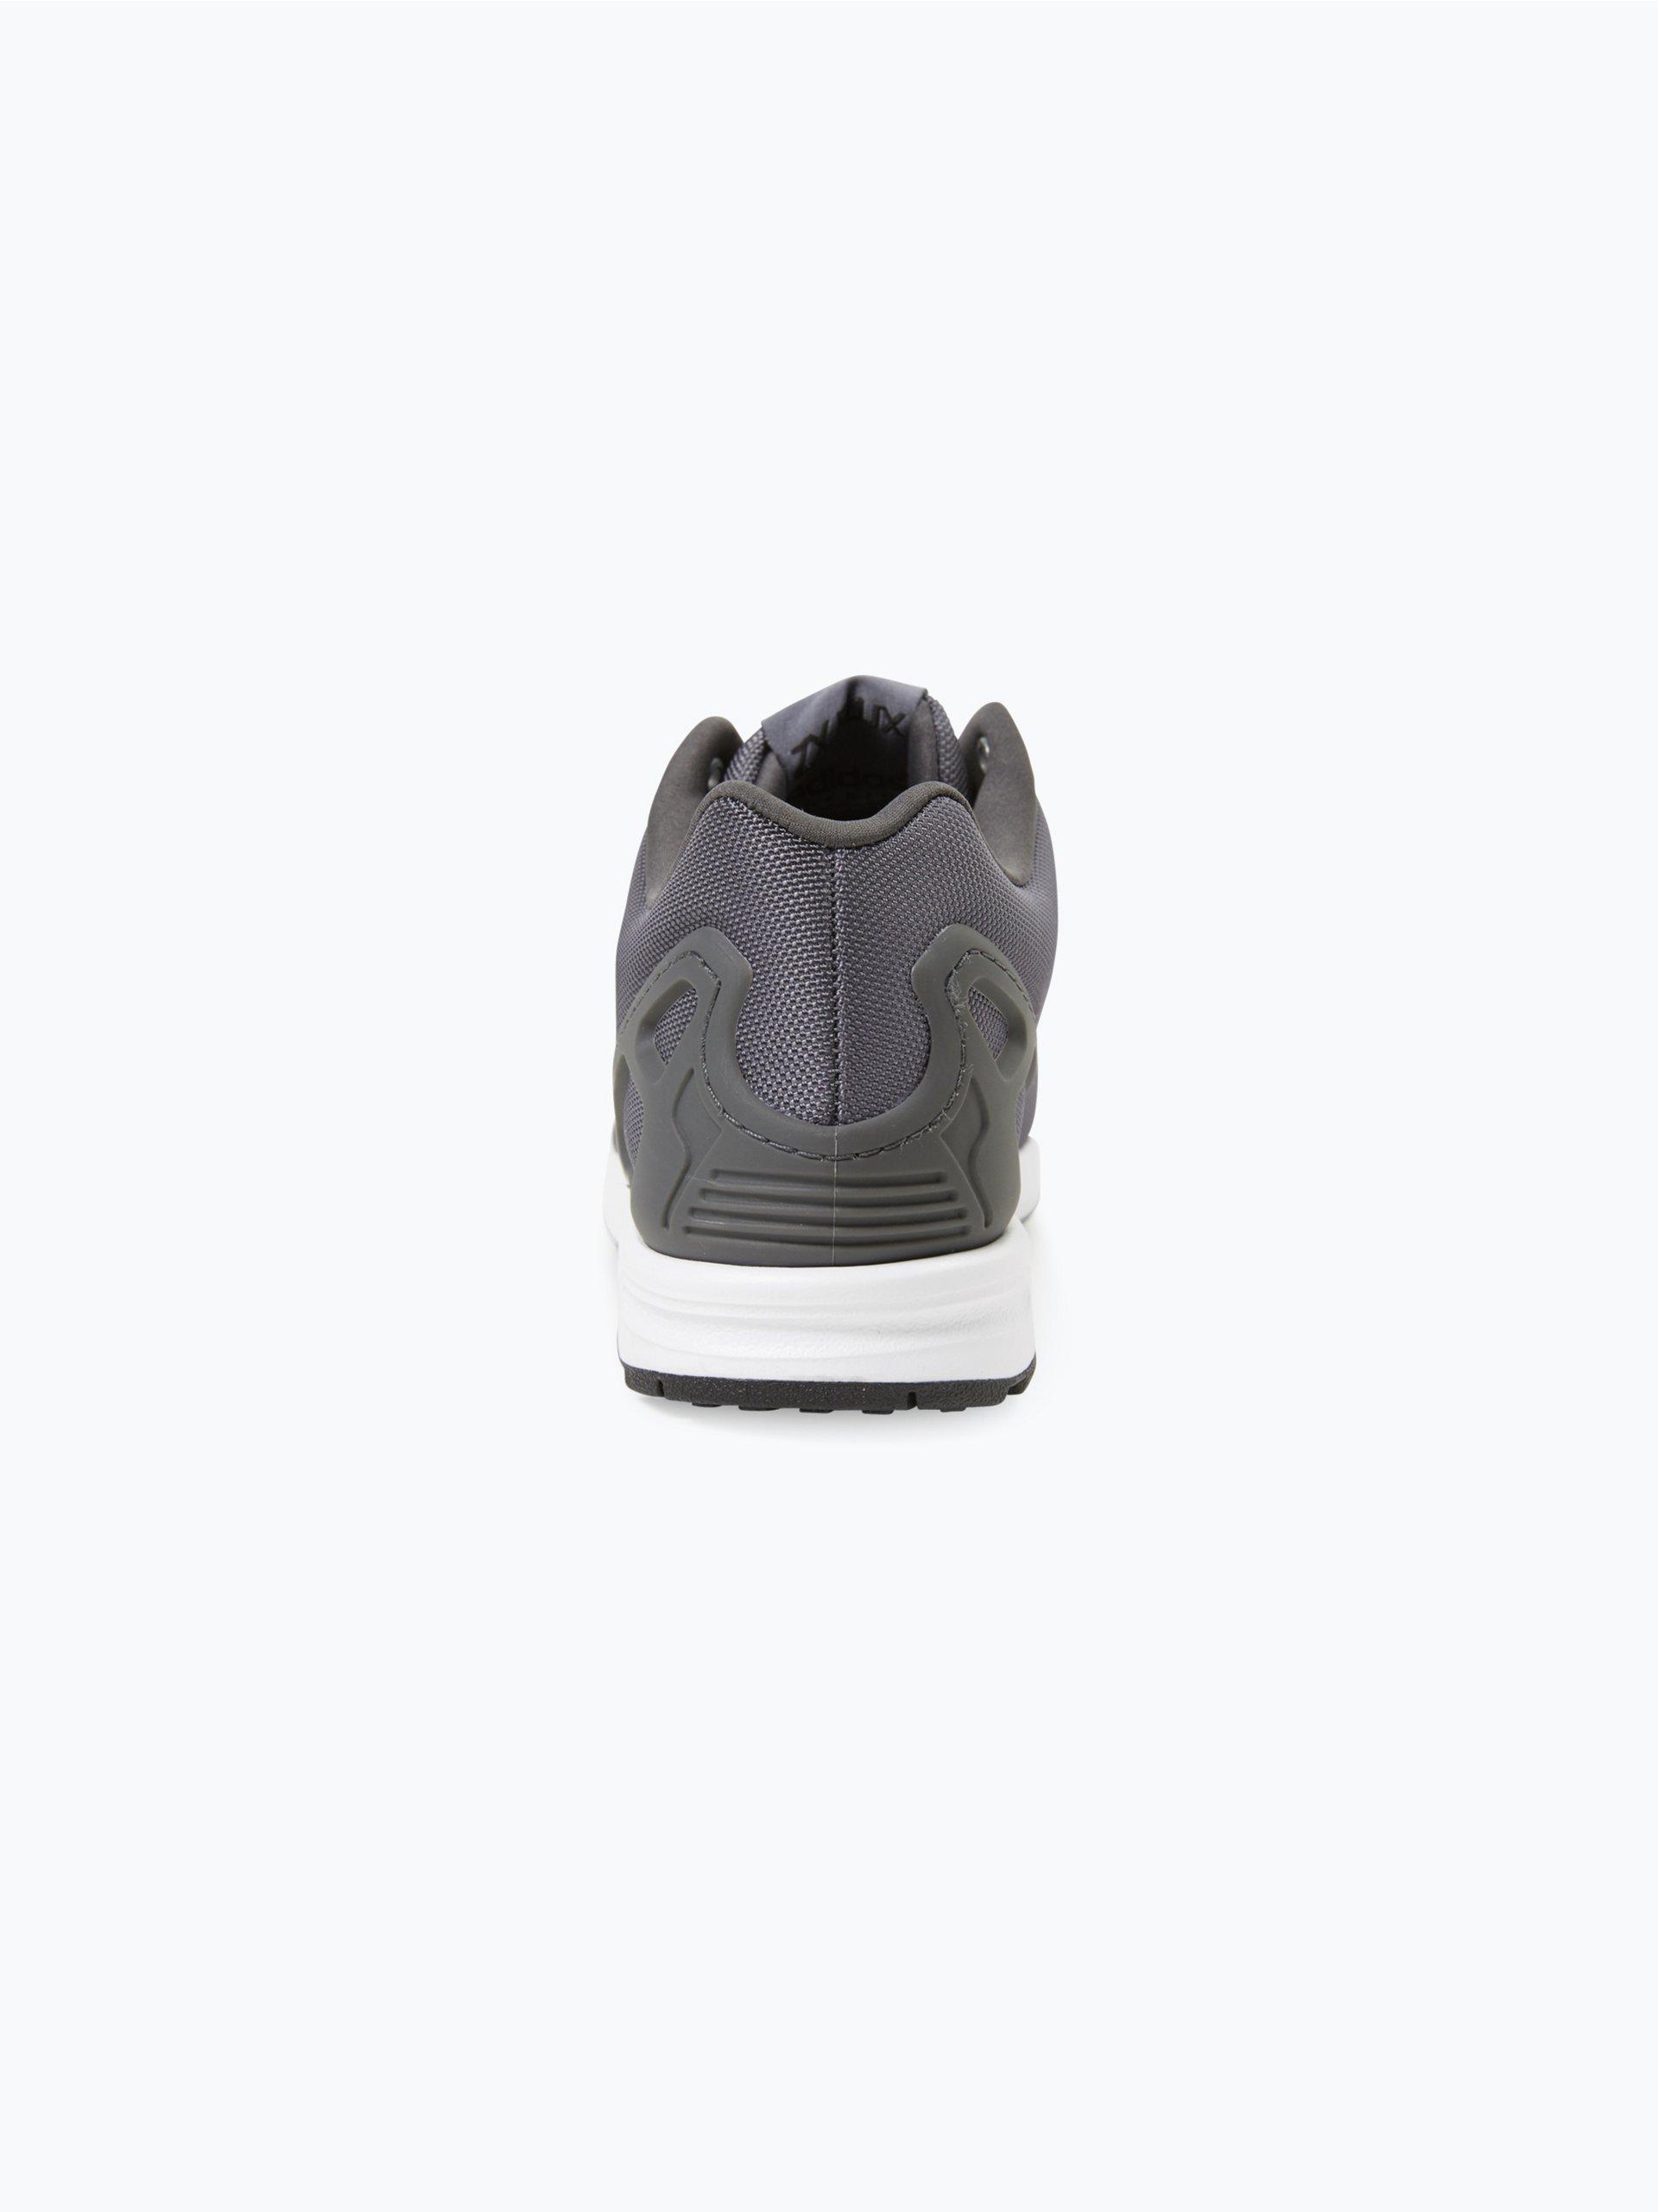 adidas originals herren sneaker zx flux anthrazit uni online kaufen vangraaf com. Black Bedroom Furniture Sets. Home Design Ideas